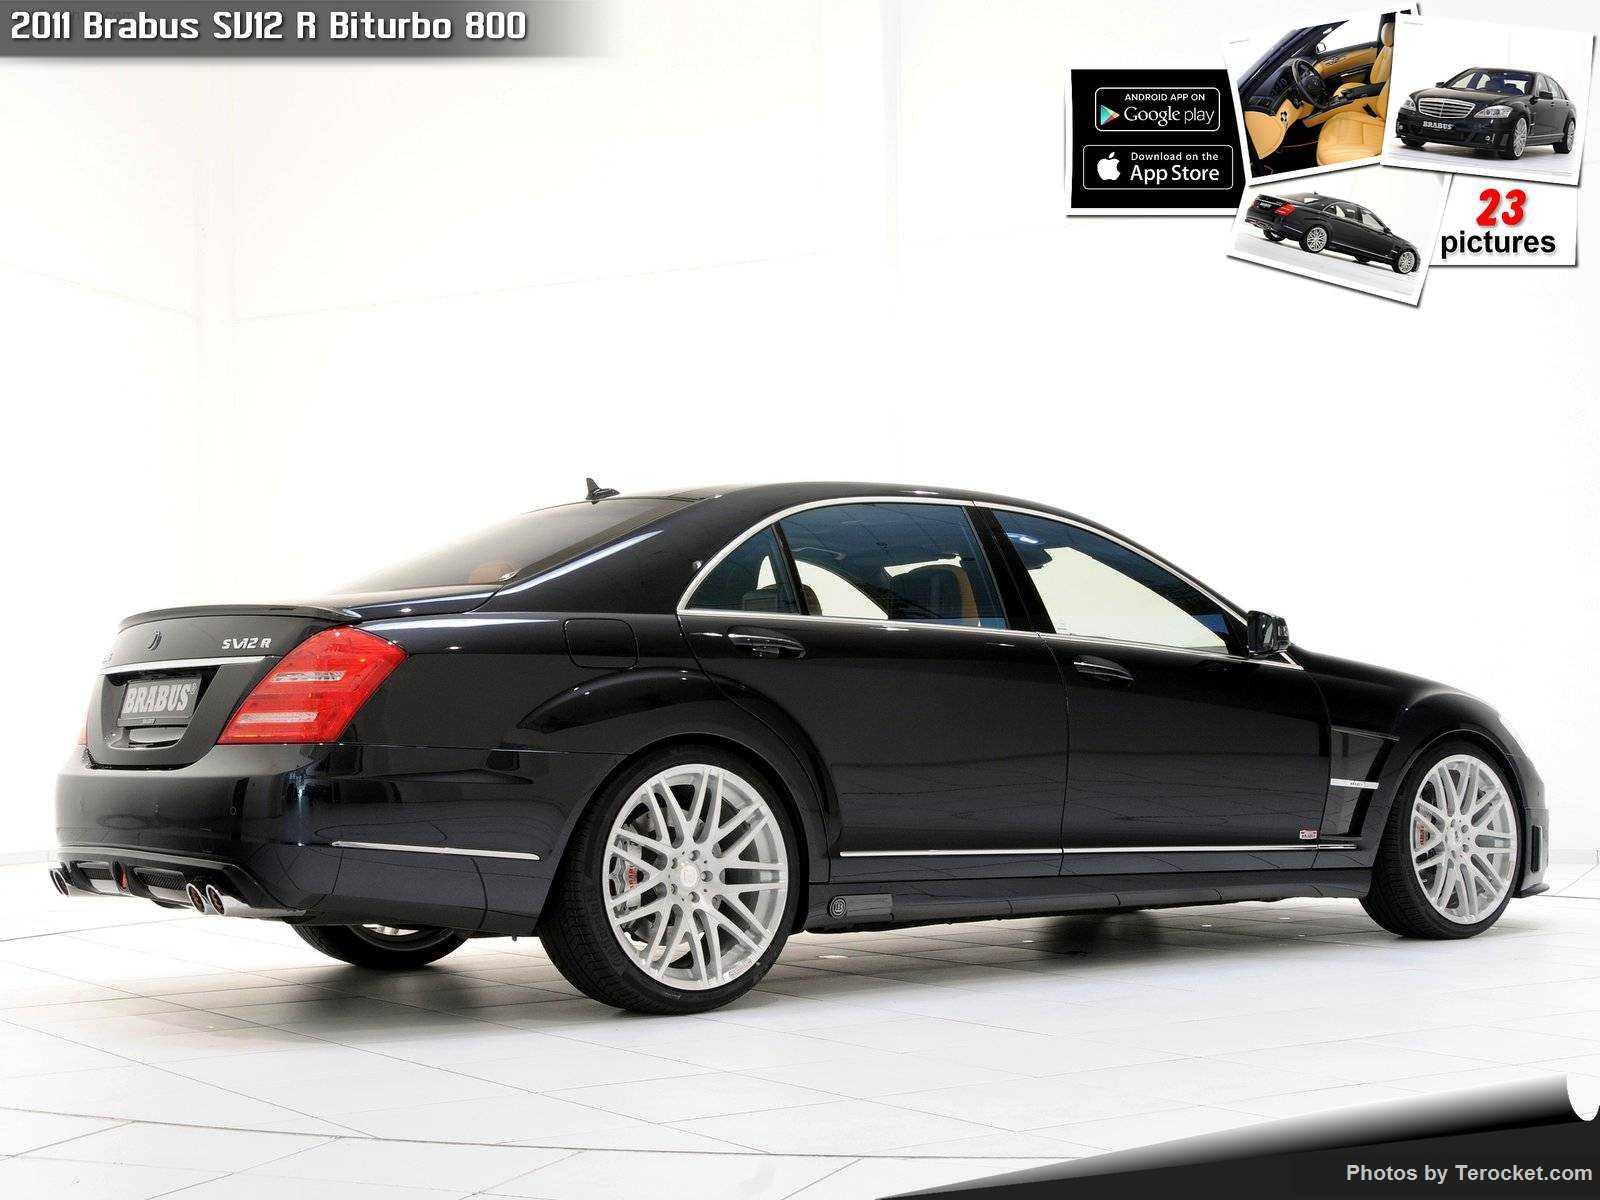 Hình ảnh xe ô tô Brabus SV12 R Biturbo 800 2011 & nội ngoại thất